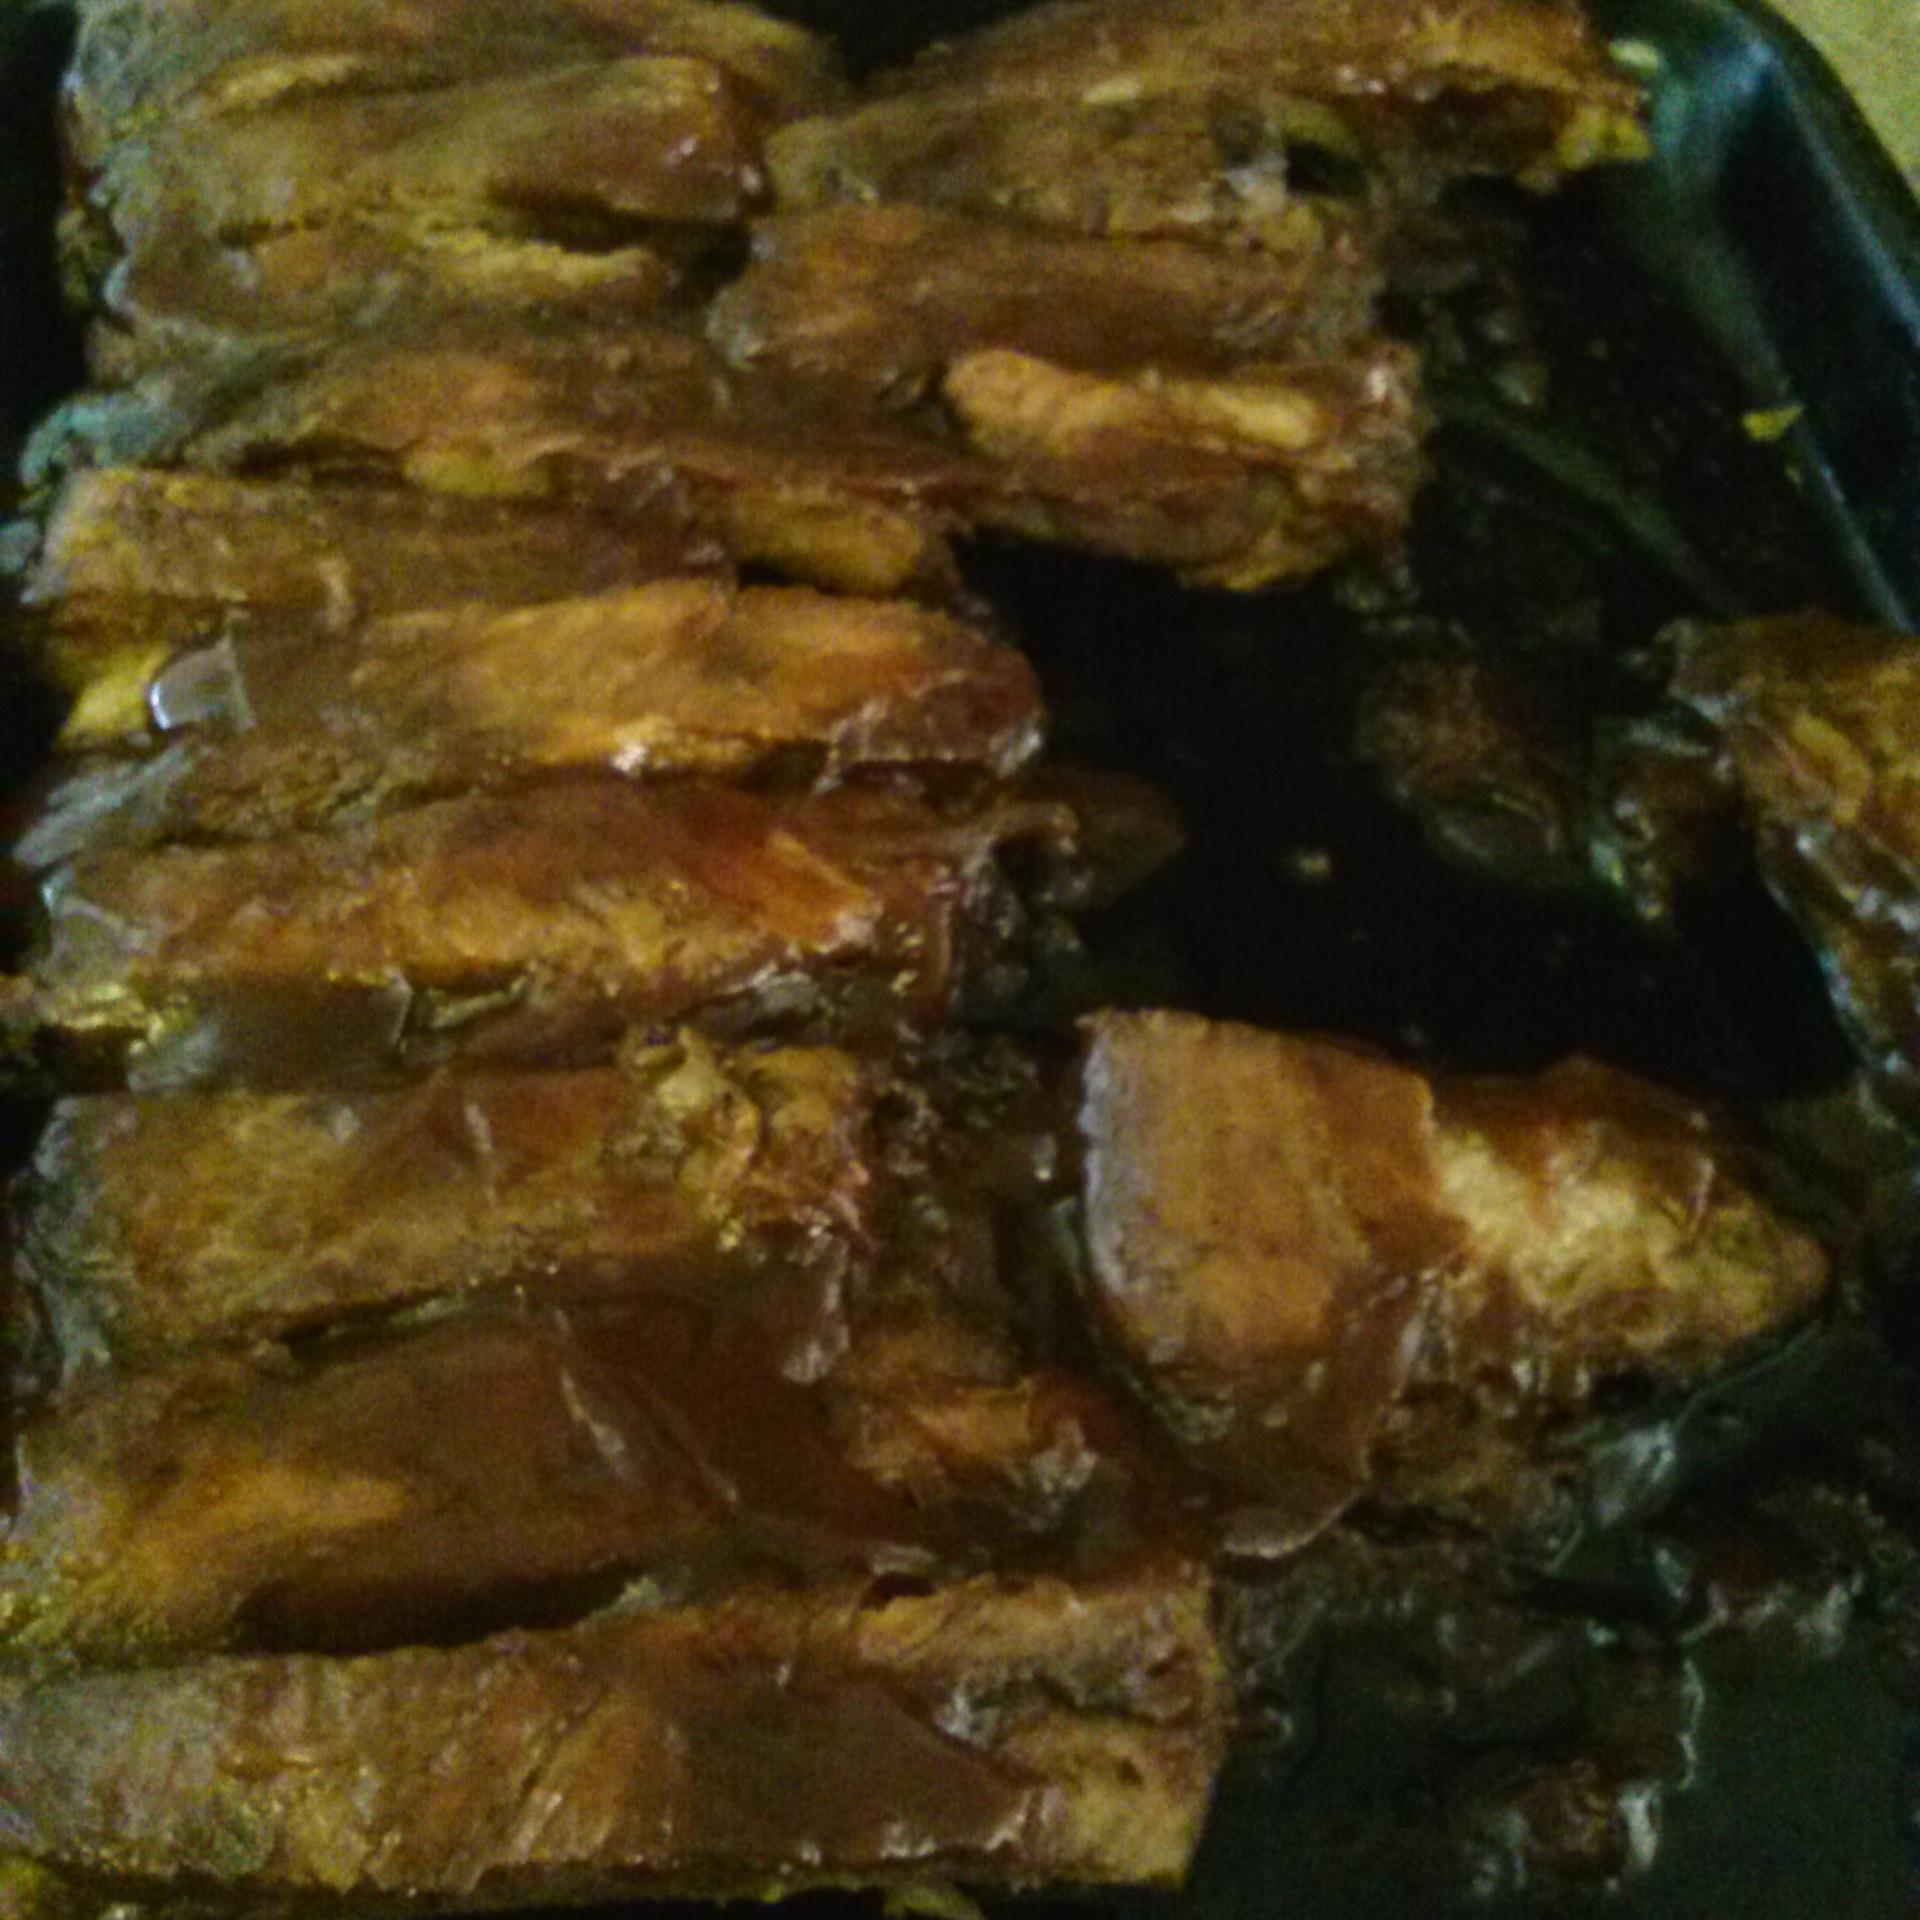 Crockpot Barbecue Pork Ribs Recipe - (2.9/5)